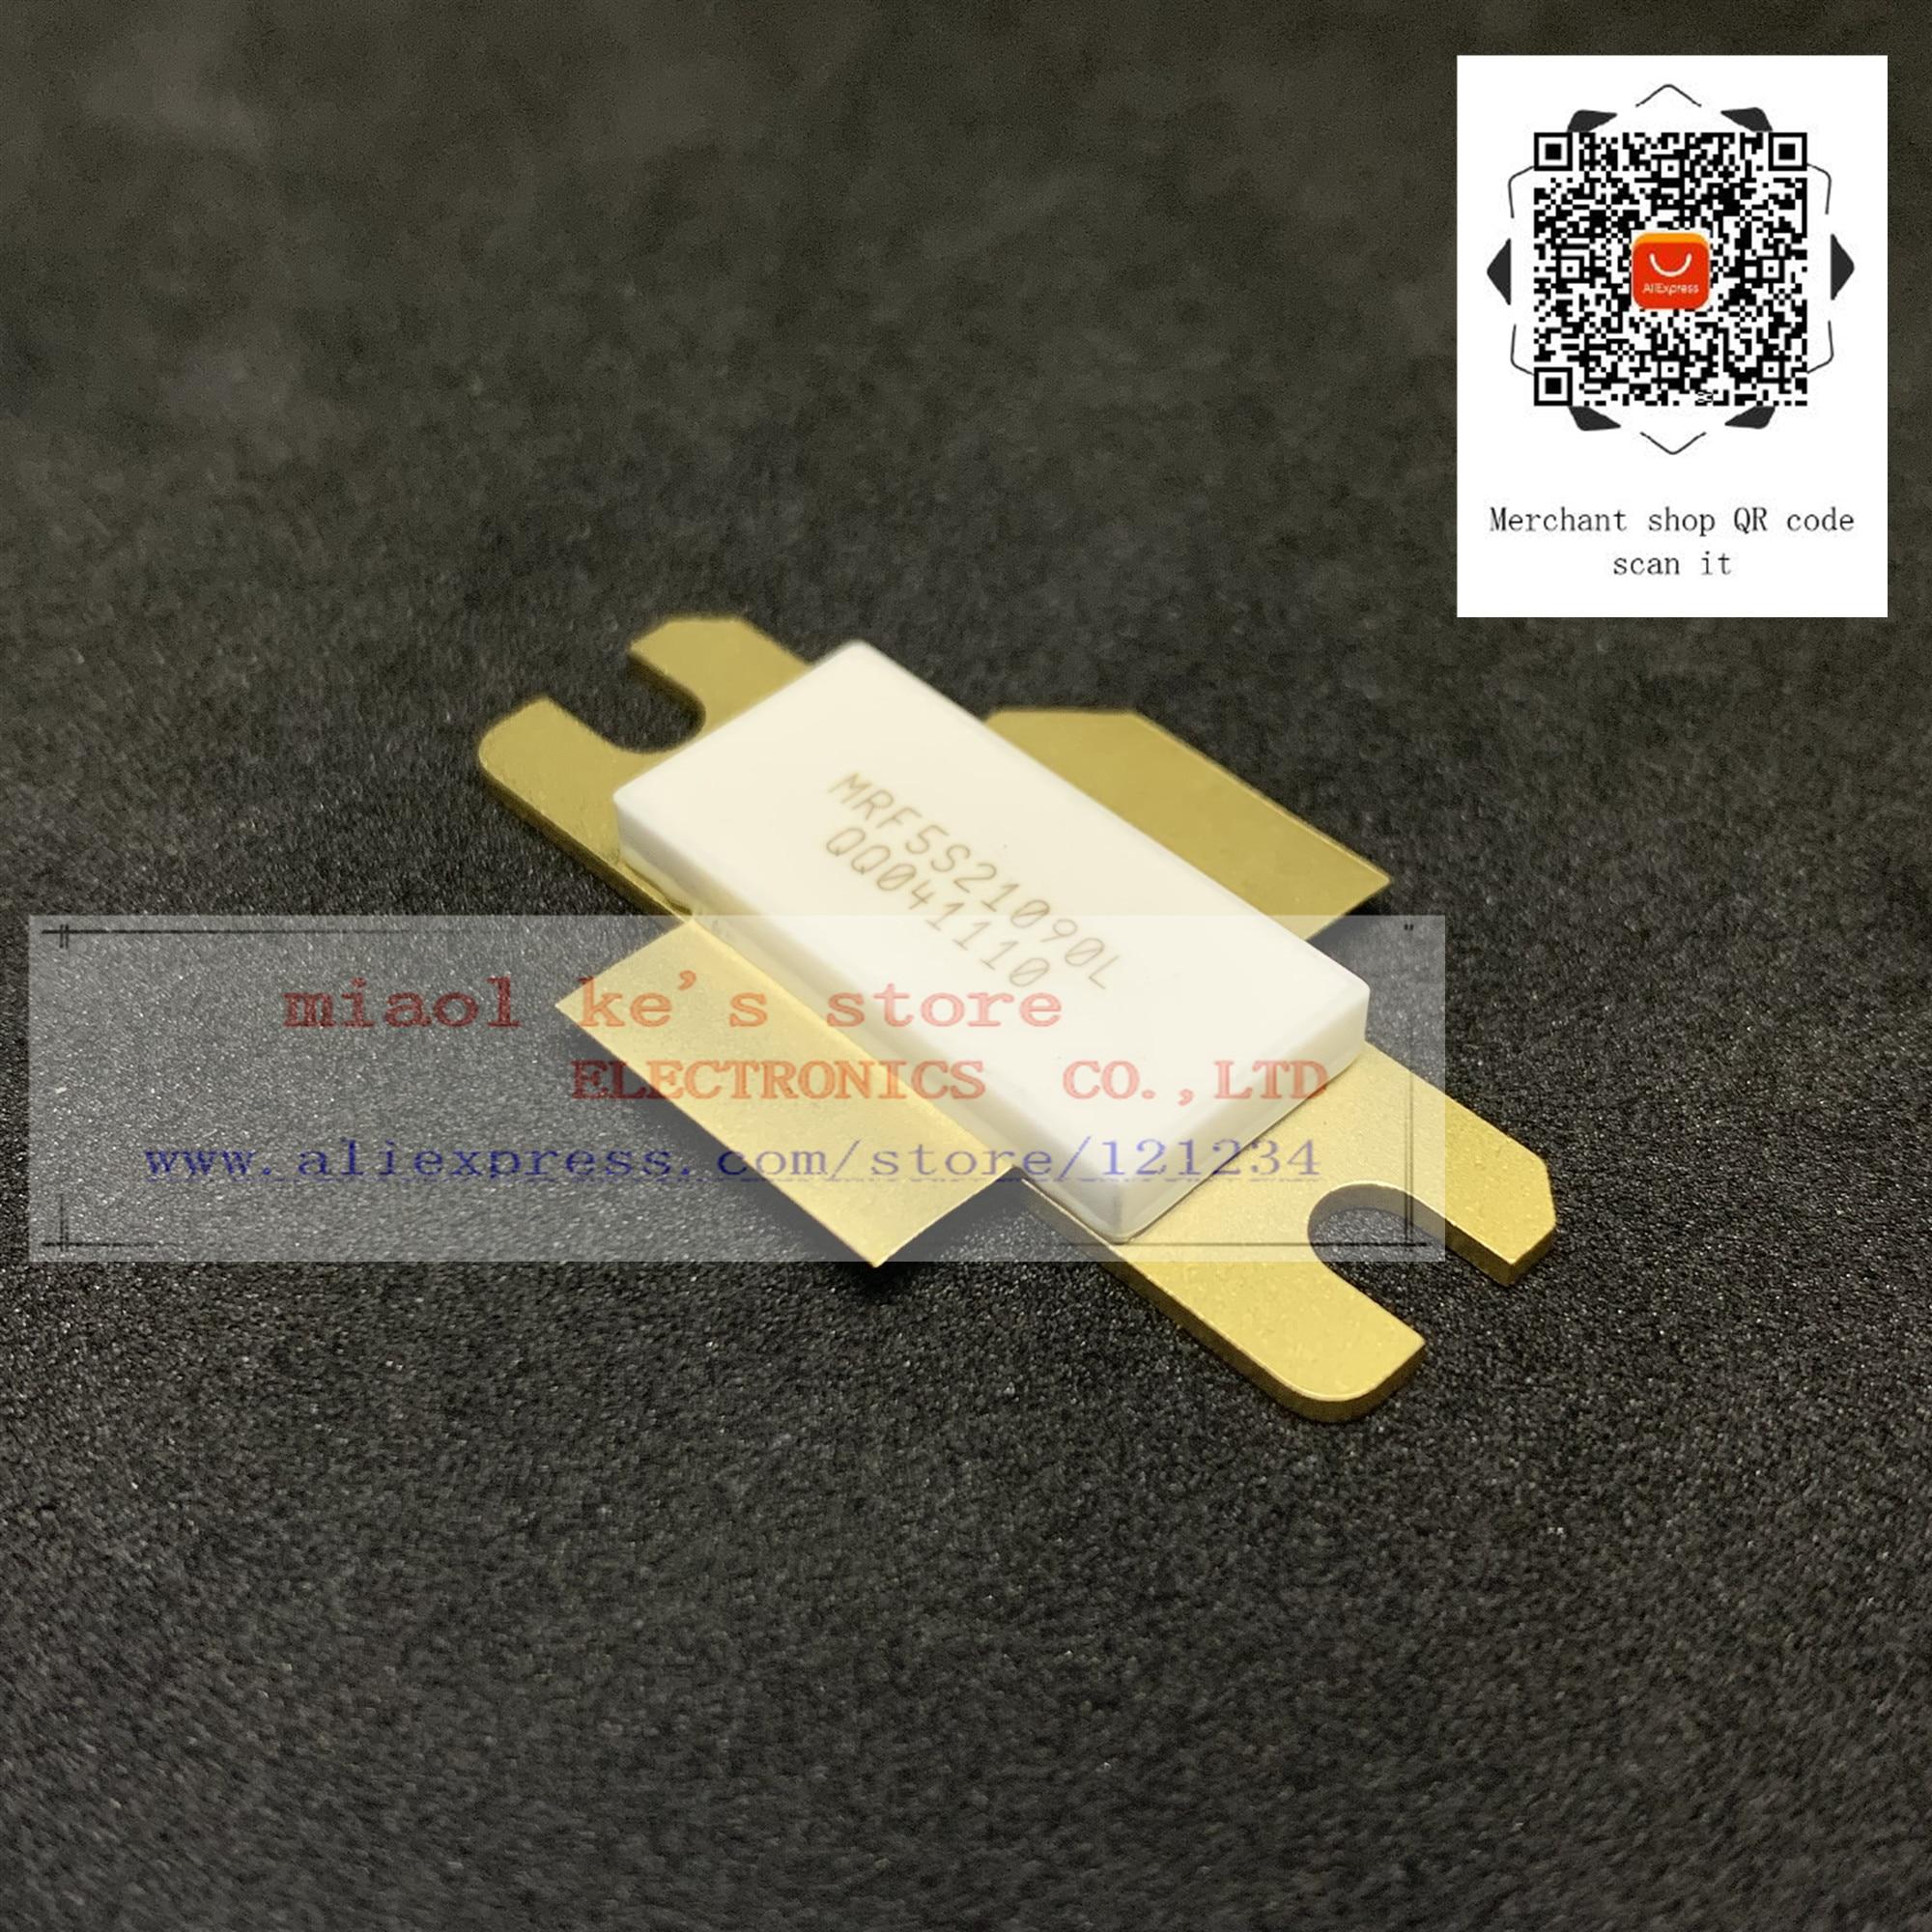 MRF5S21090L, MRF5S21090LR3-[CASE 465-06] высококачественный оригинальный транзистор